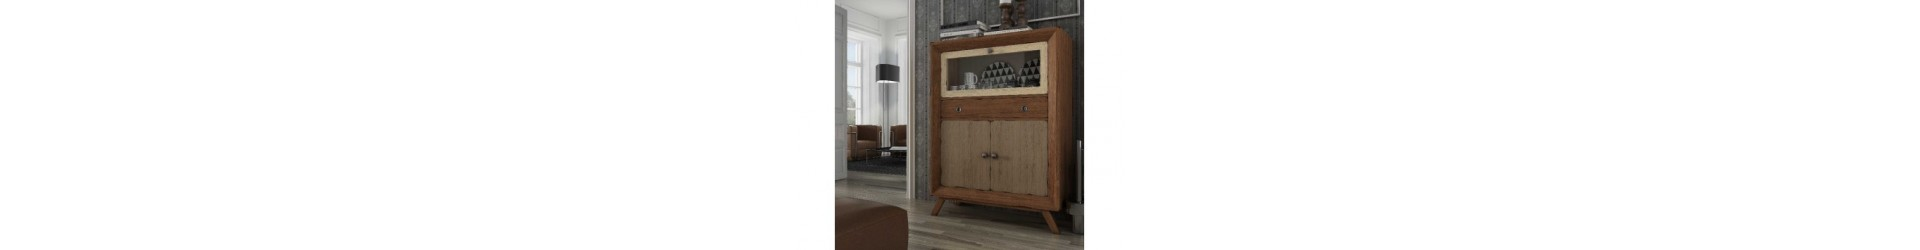 Mueble bar y licoreras